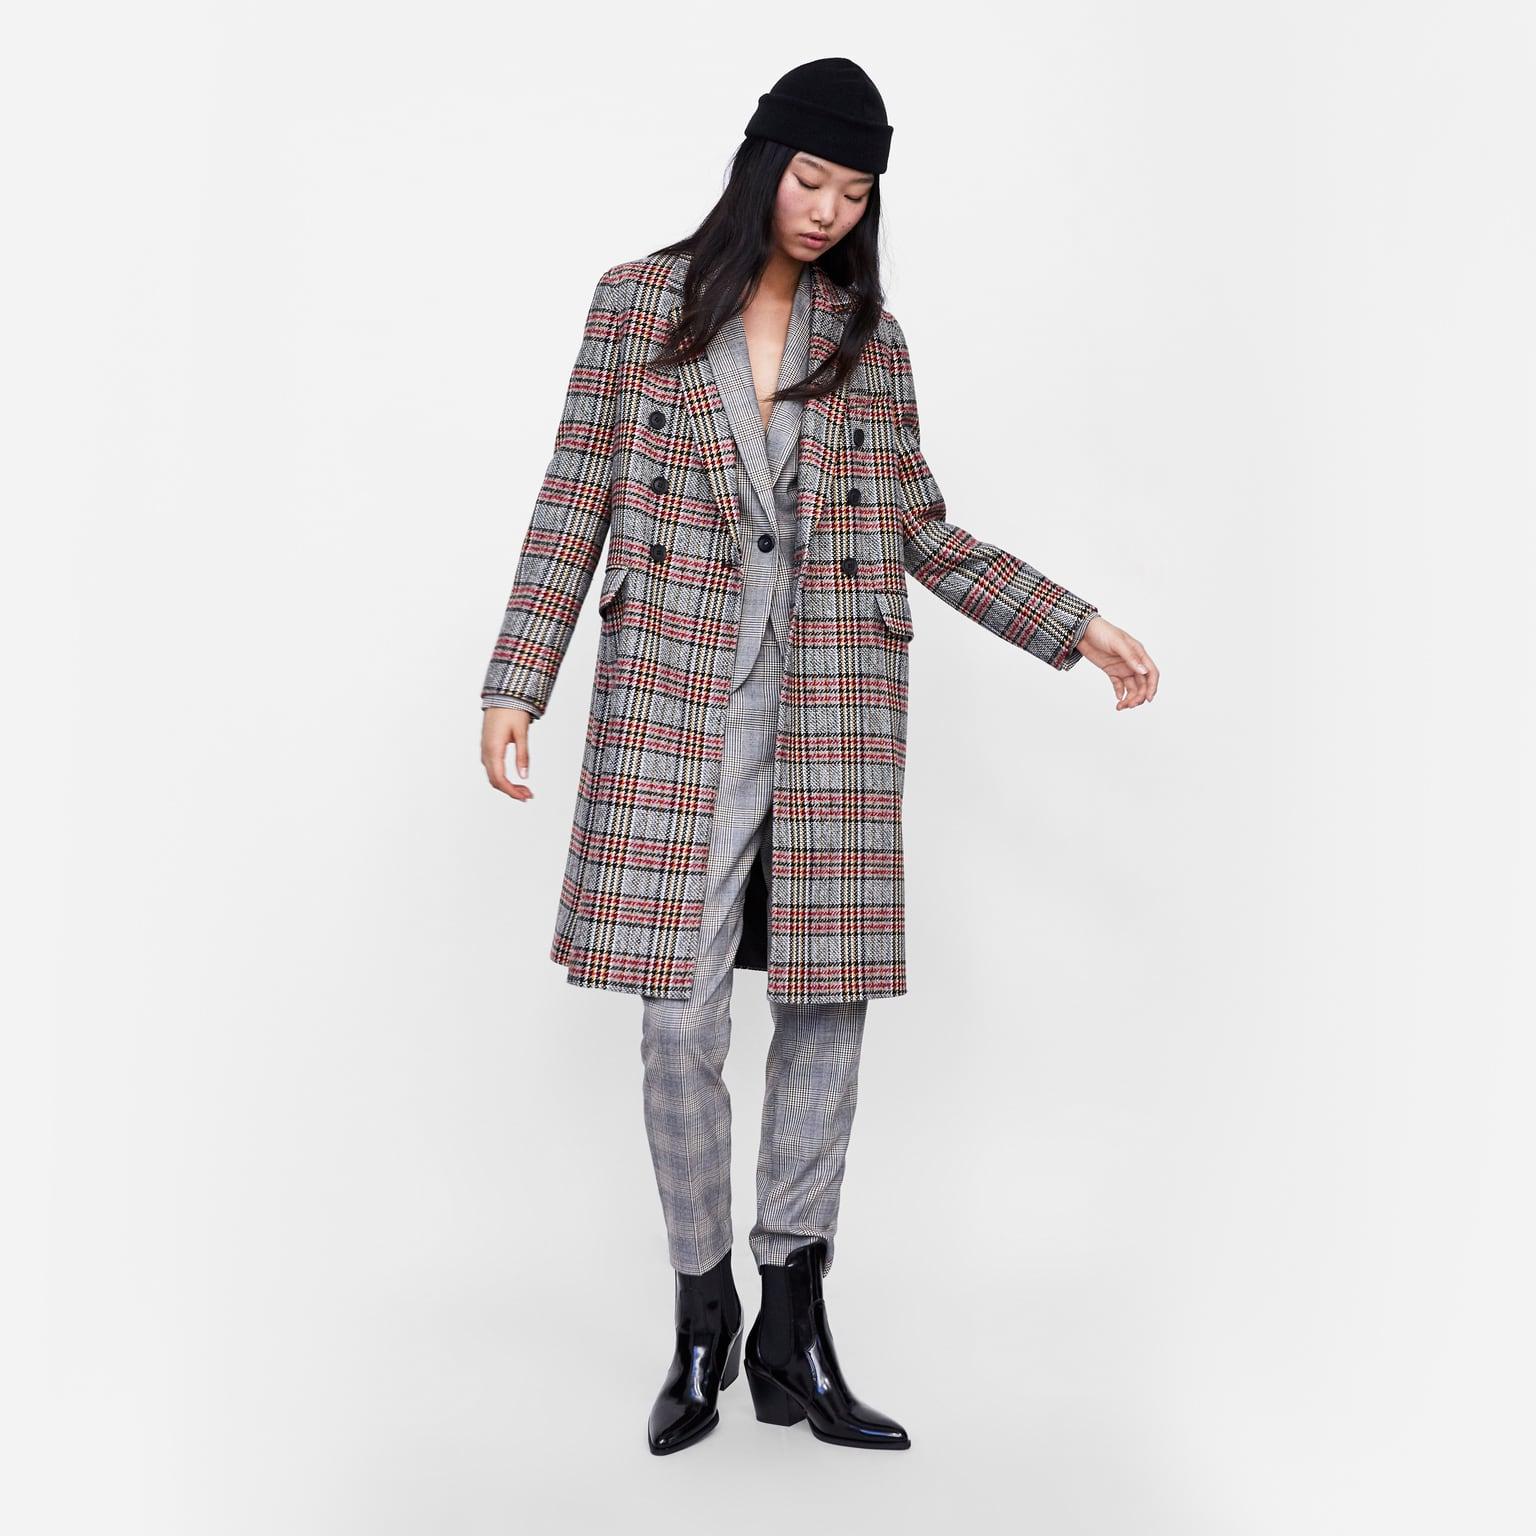 Zara, £95.99